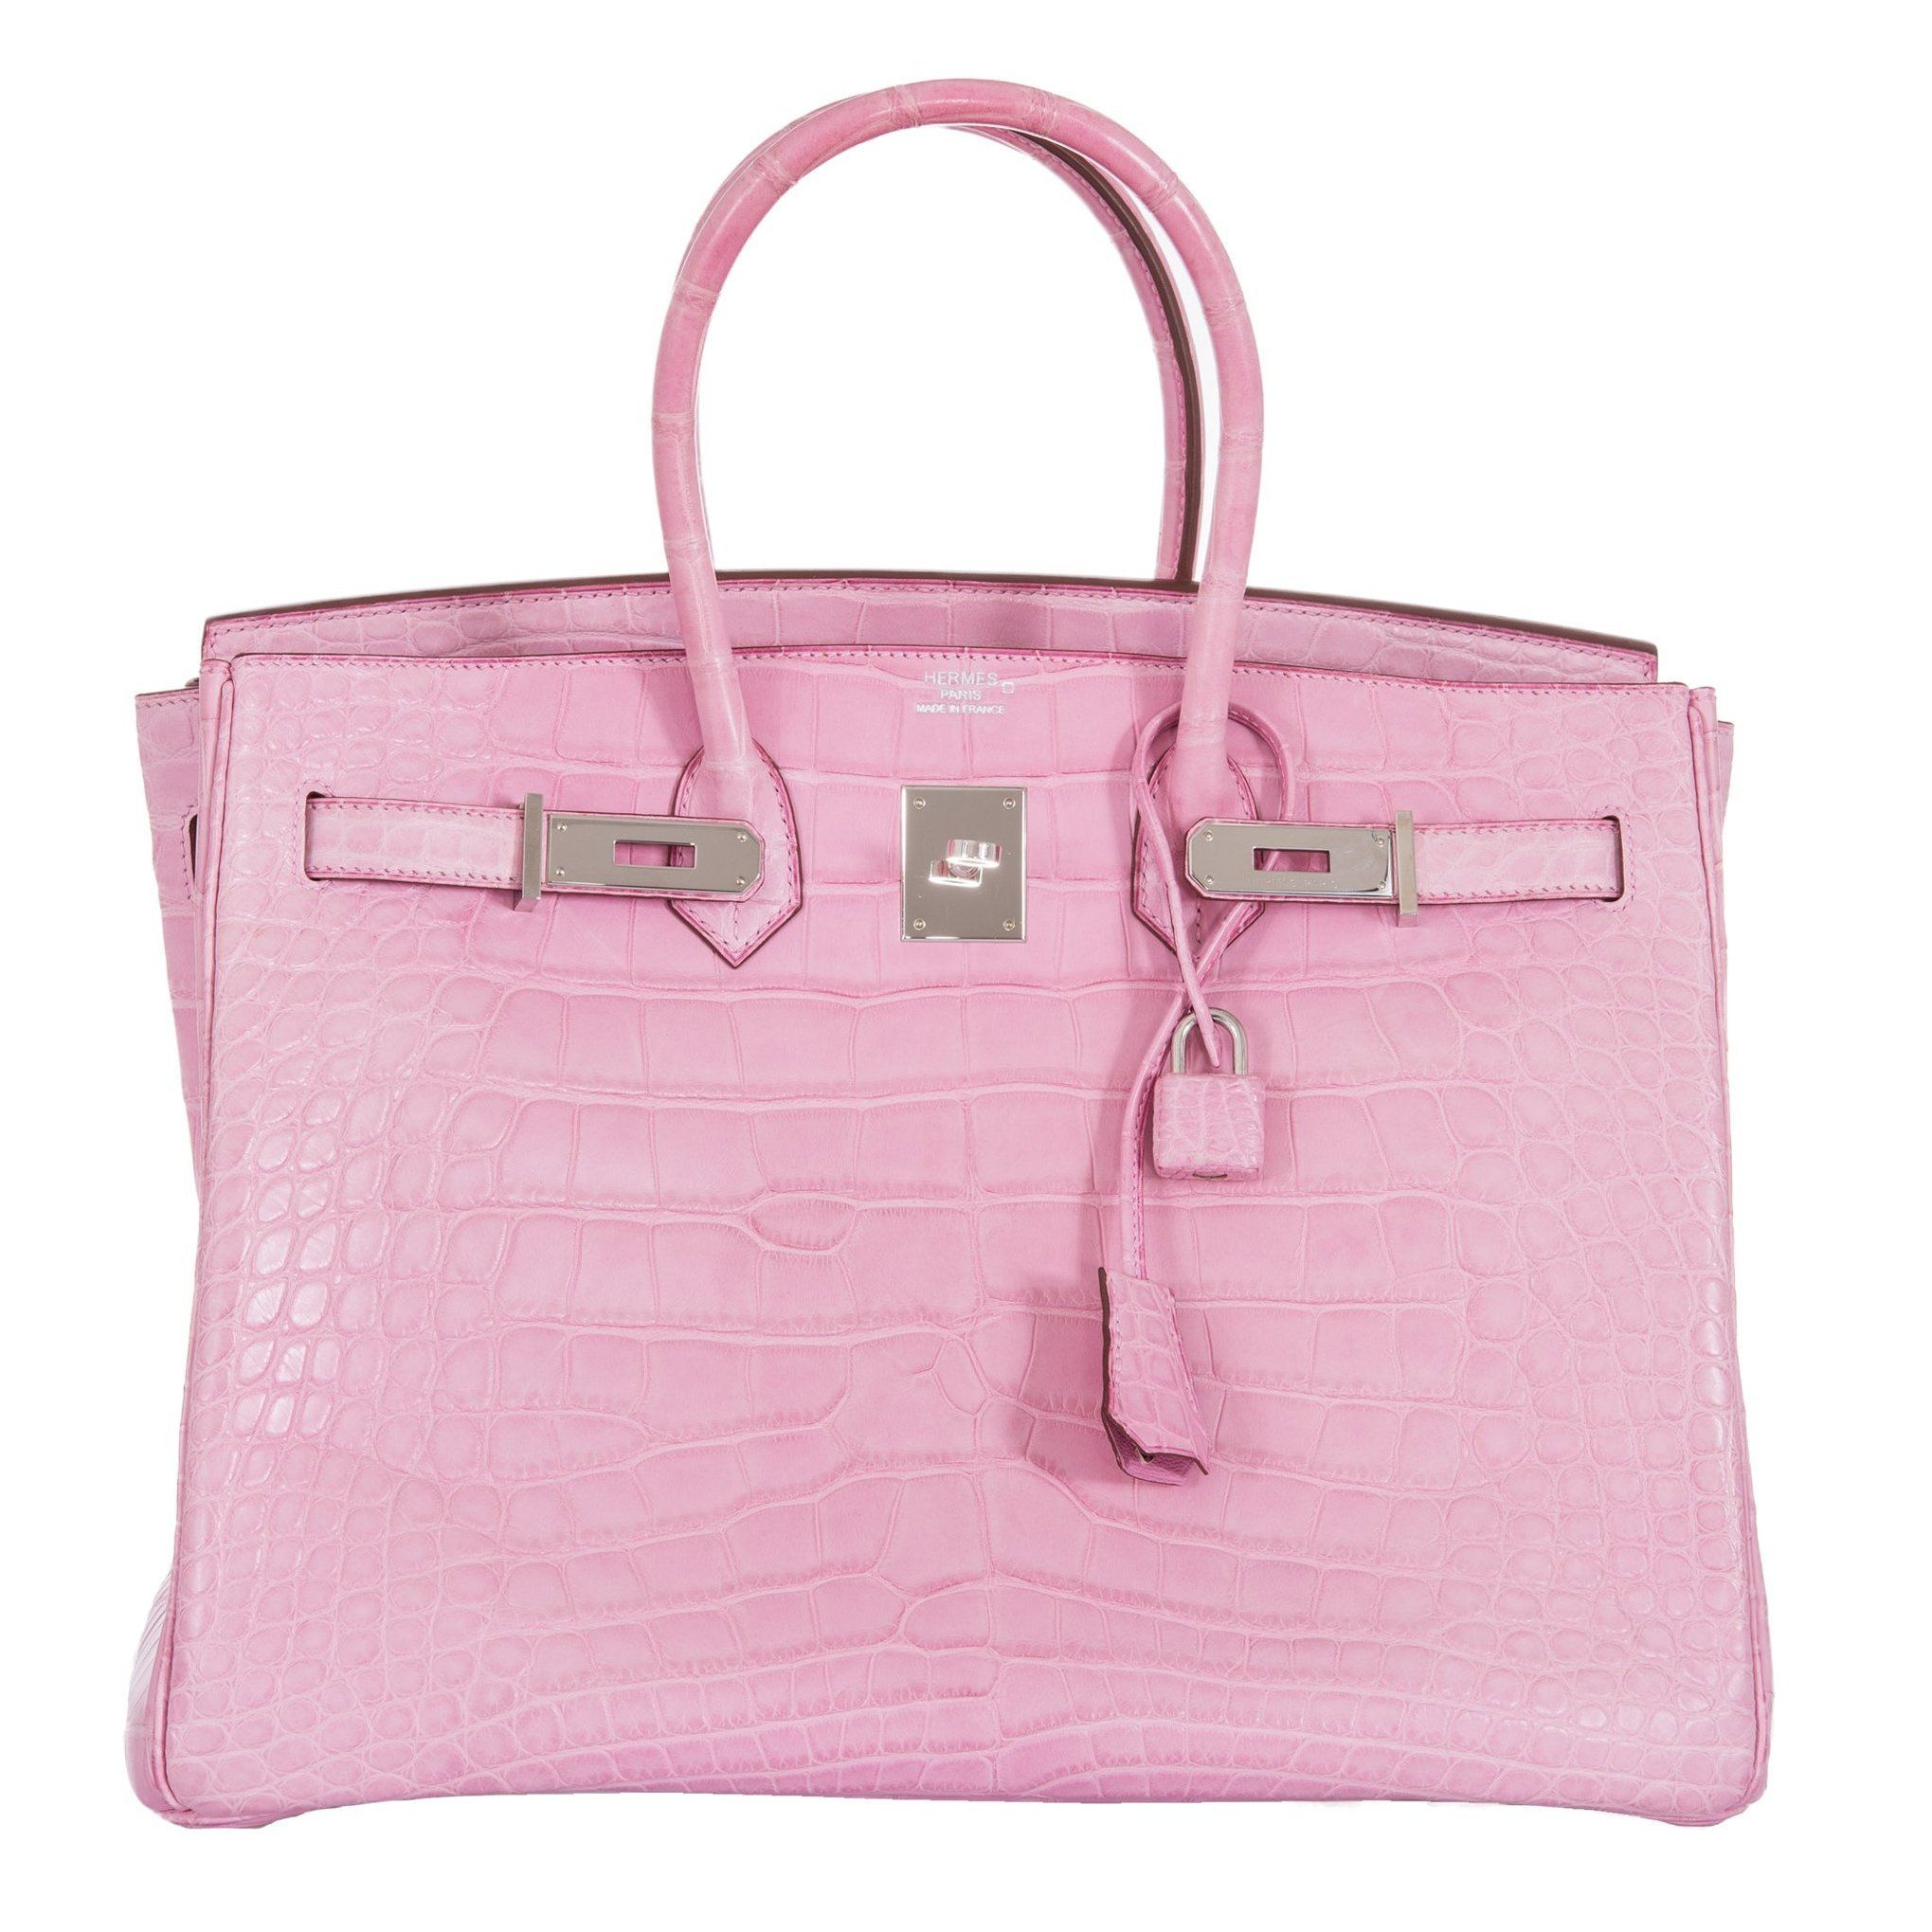 b8a76593faea Hermes Birkin 35 Bubblegum 5P Pink Alligator Palladium Hardware •  Investment Bag-JaneFinds